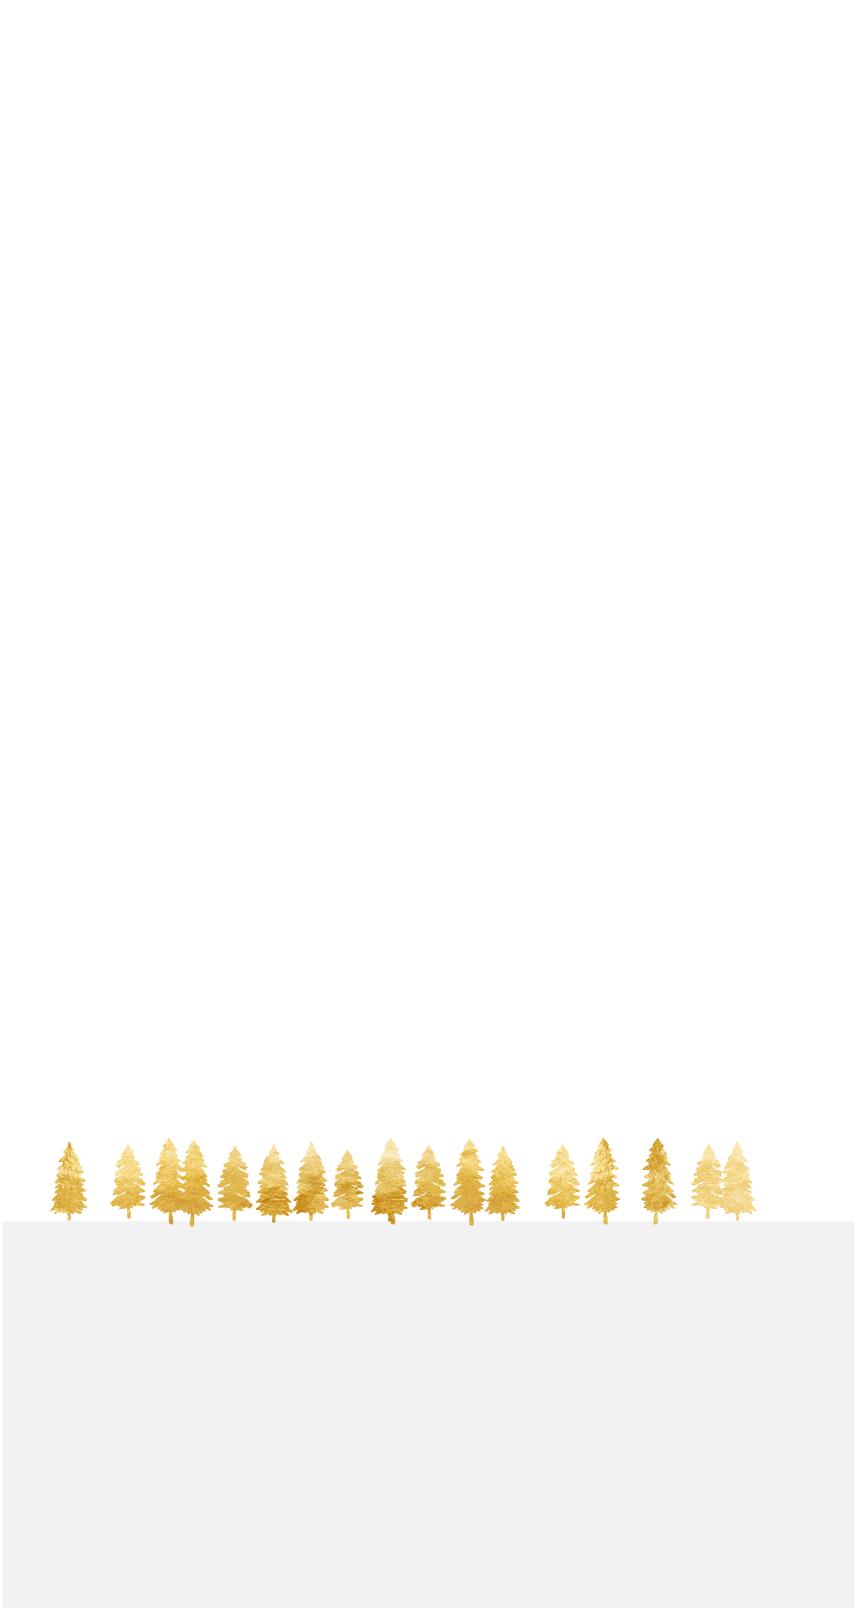 Goldene Bäume auf einem grauen Utergrund